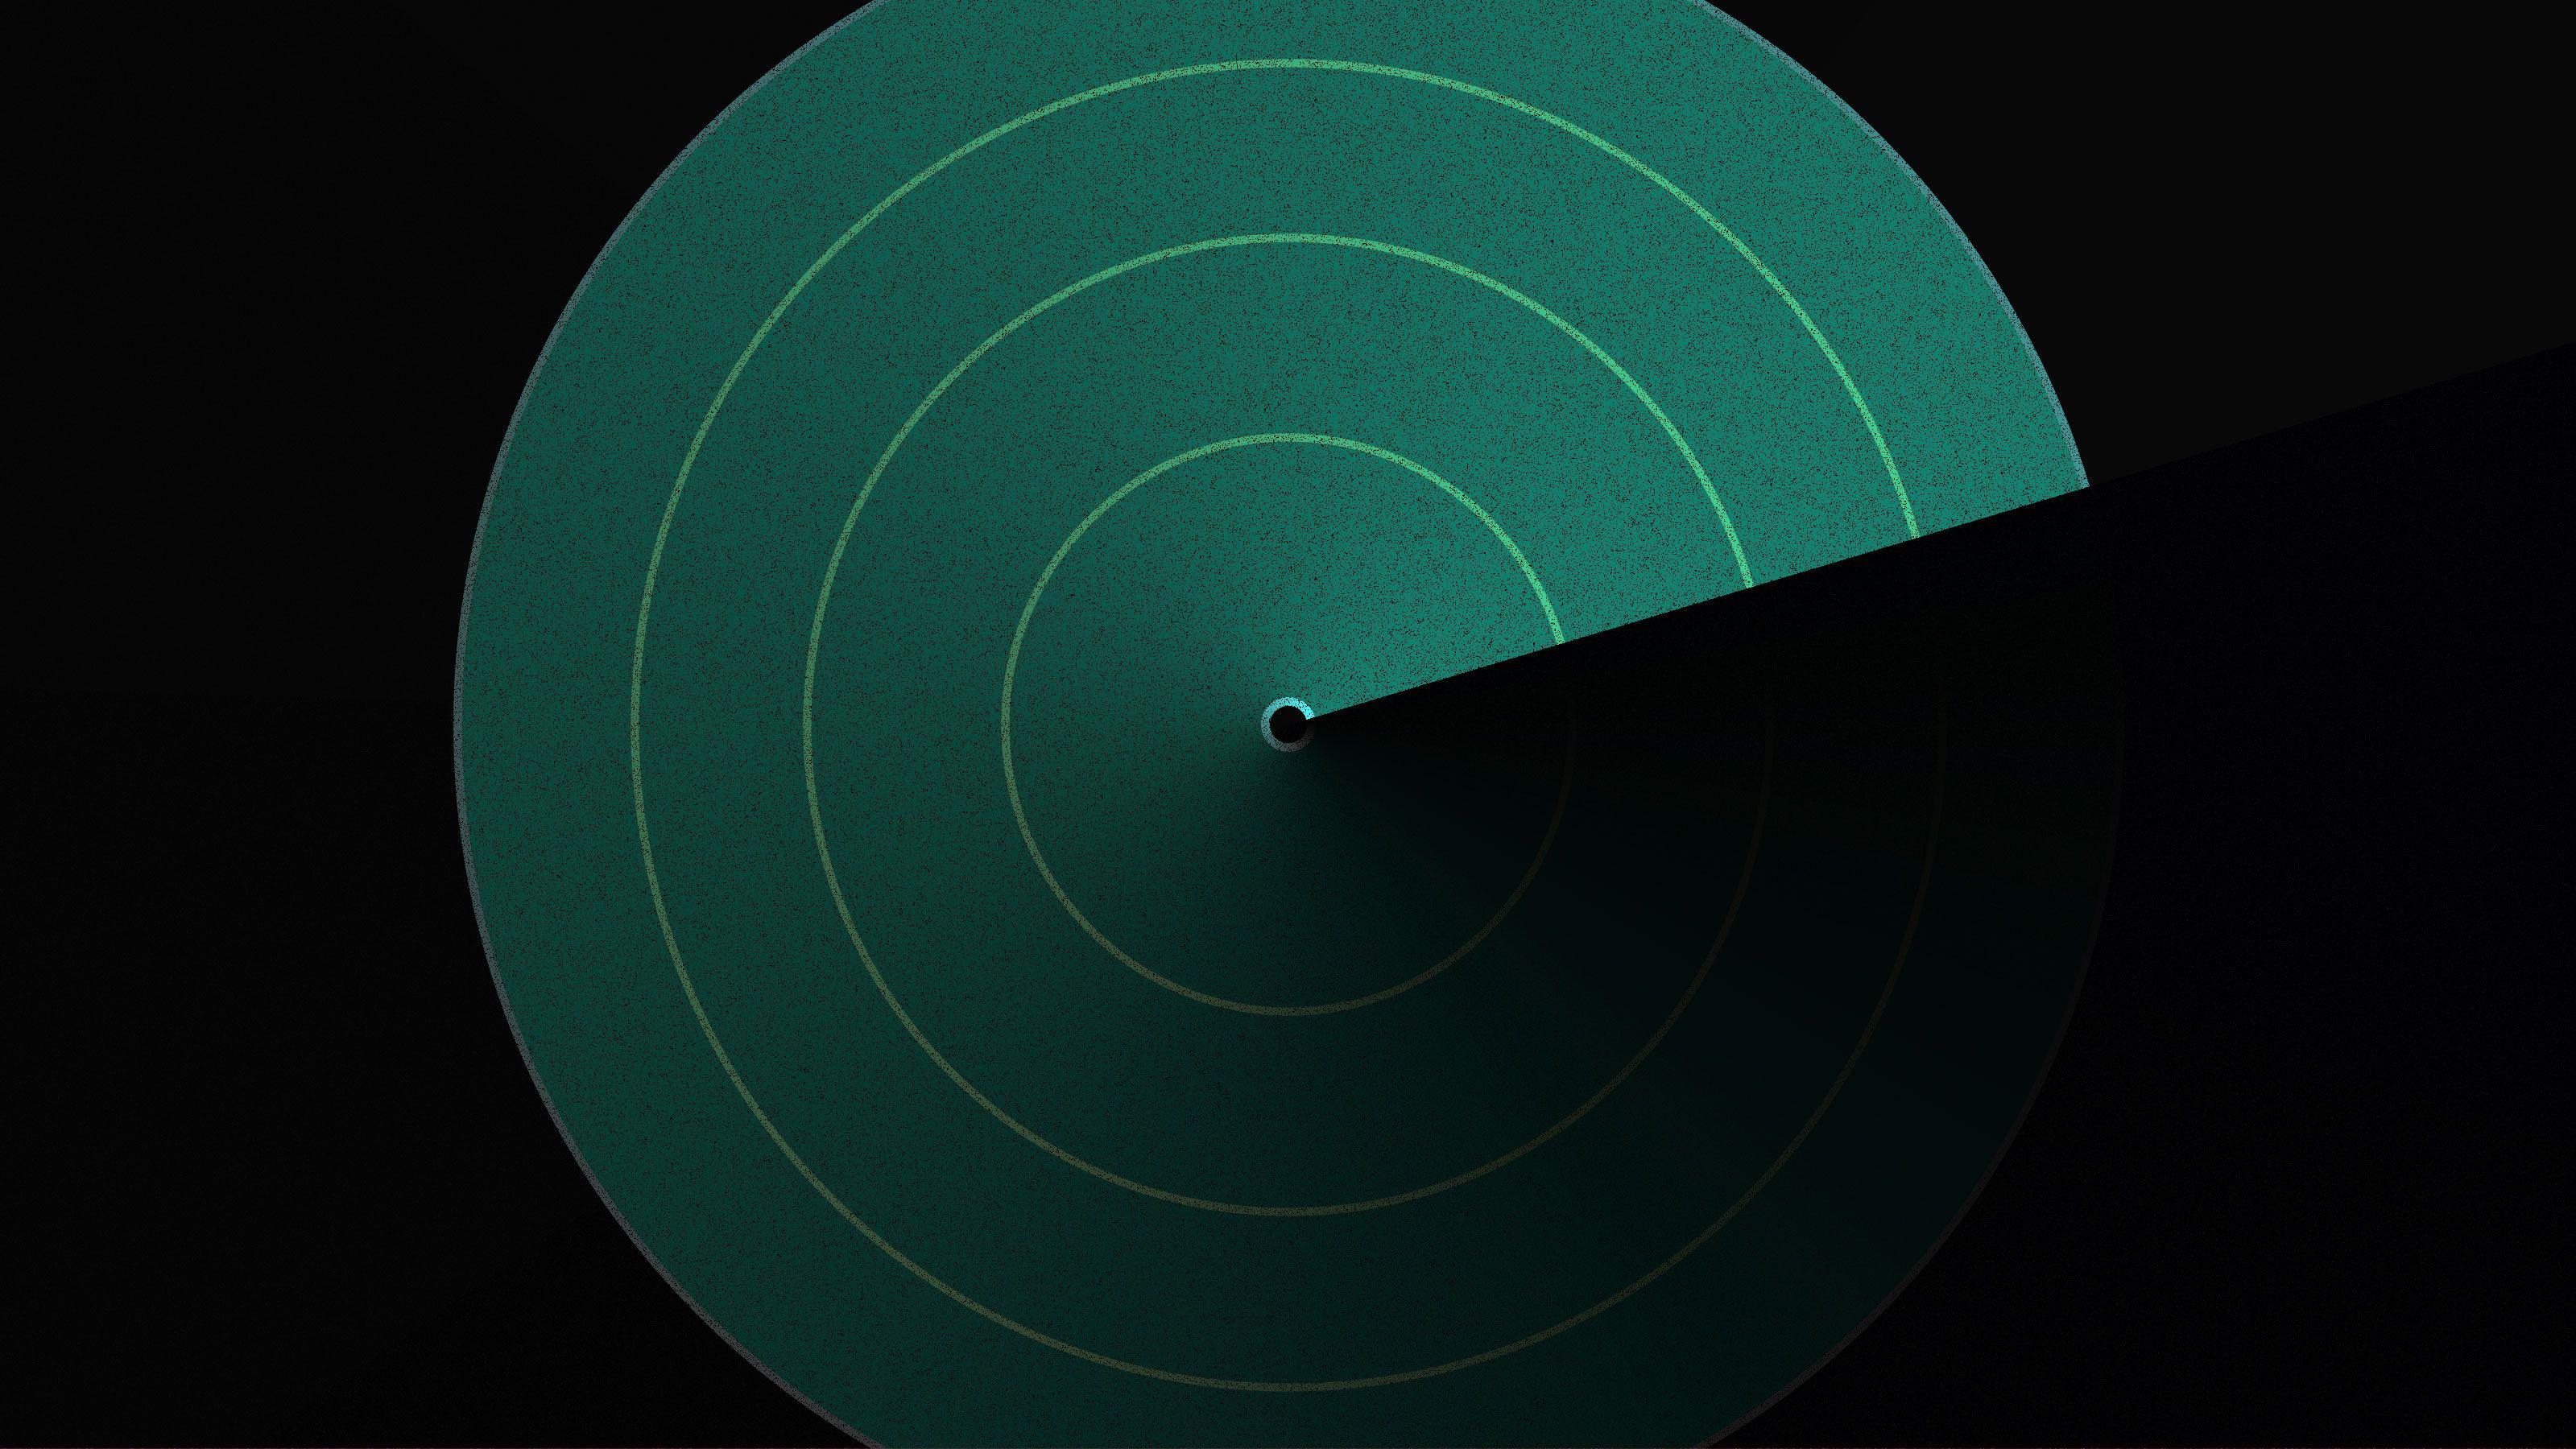 量子もつれを利用するステルス型レーダー、初の実証に成功